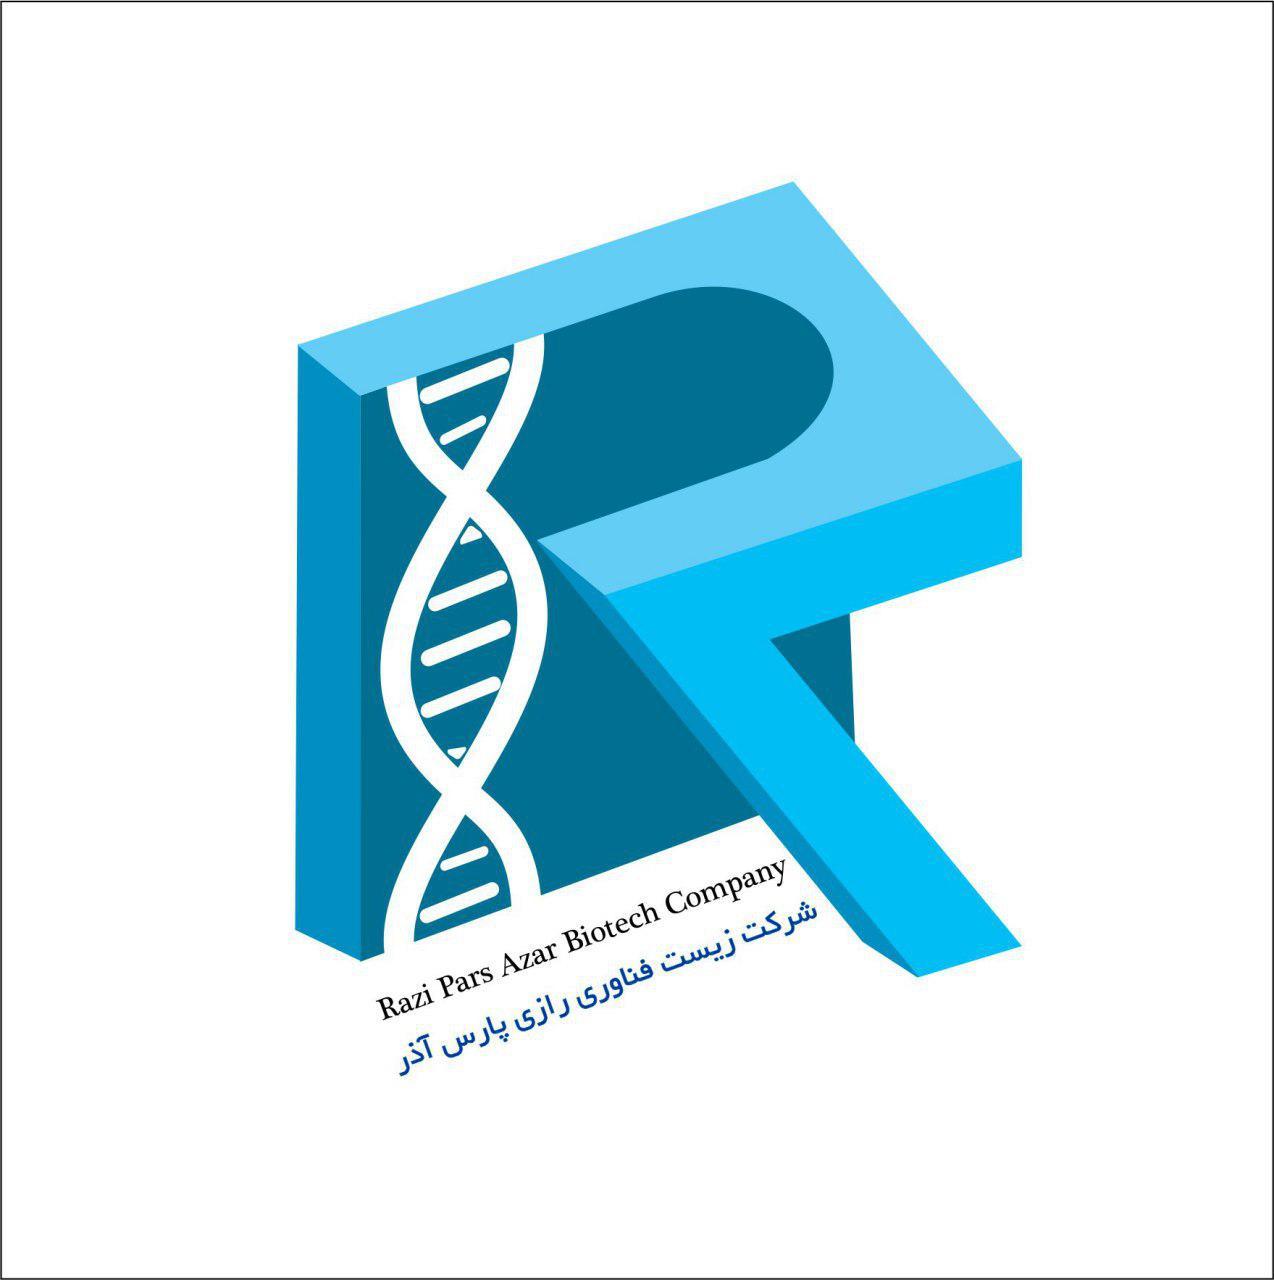 Razi Pars Azar Biotech Company